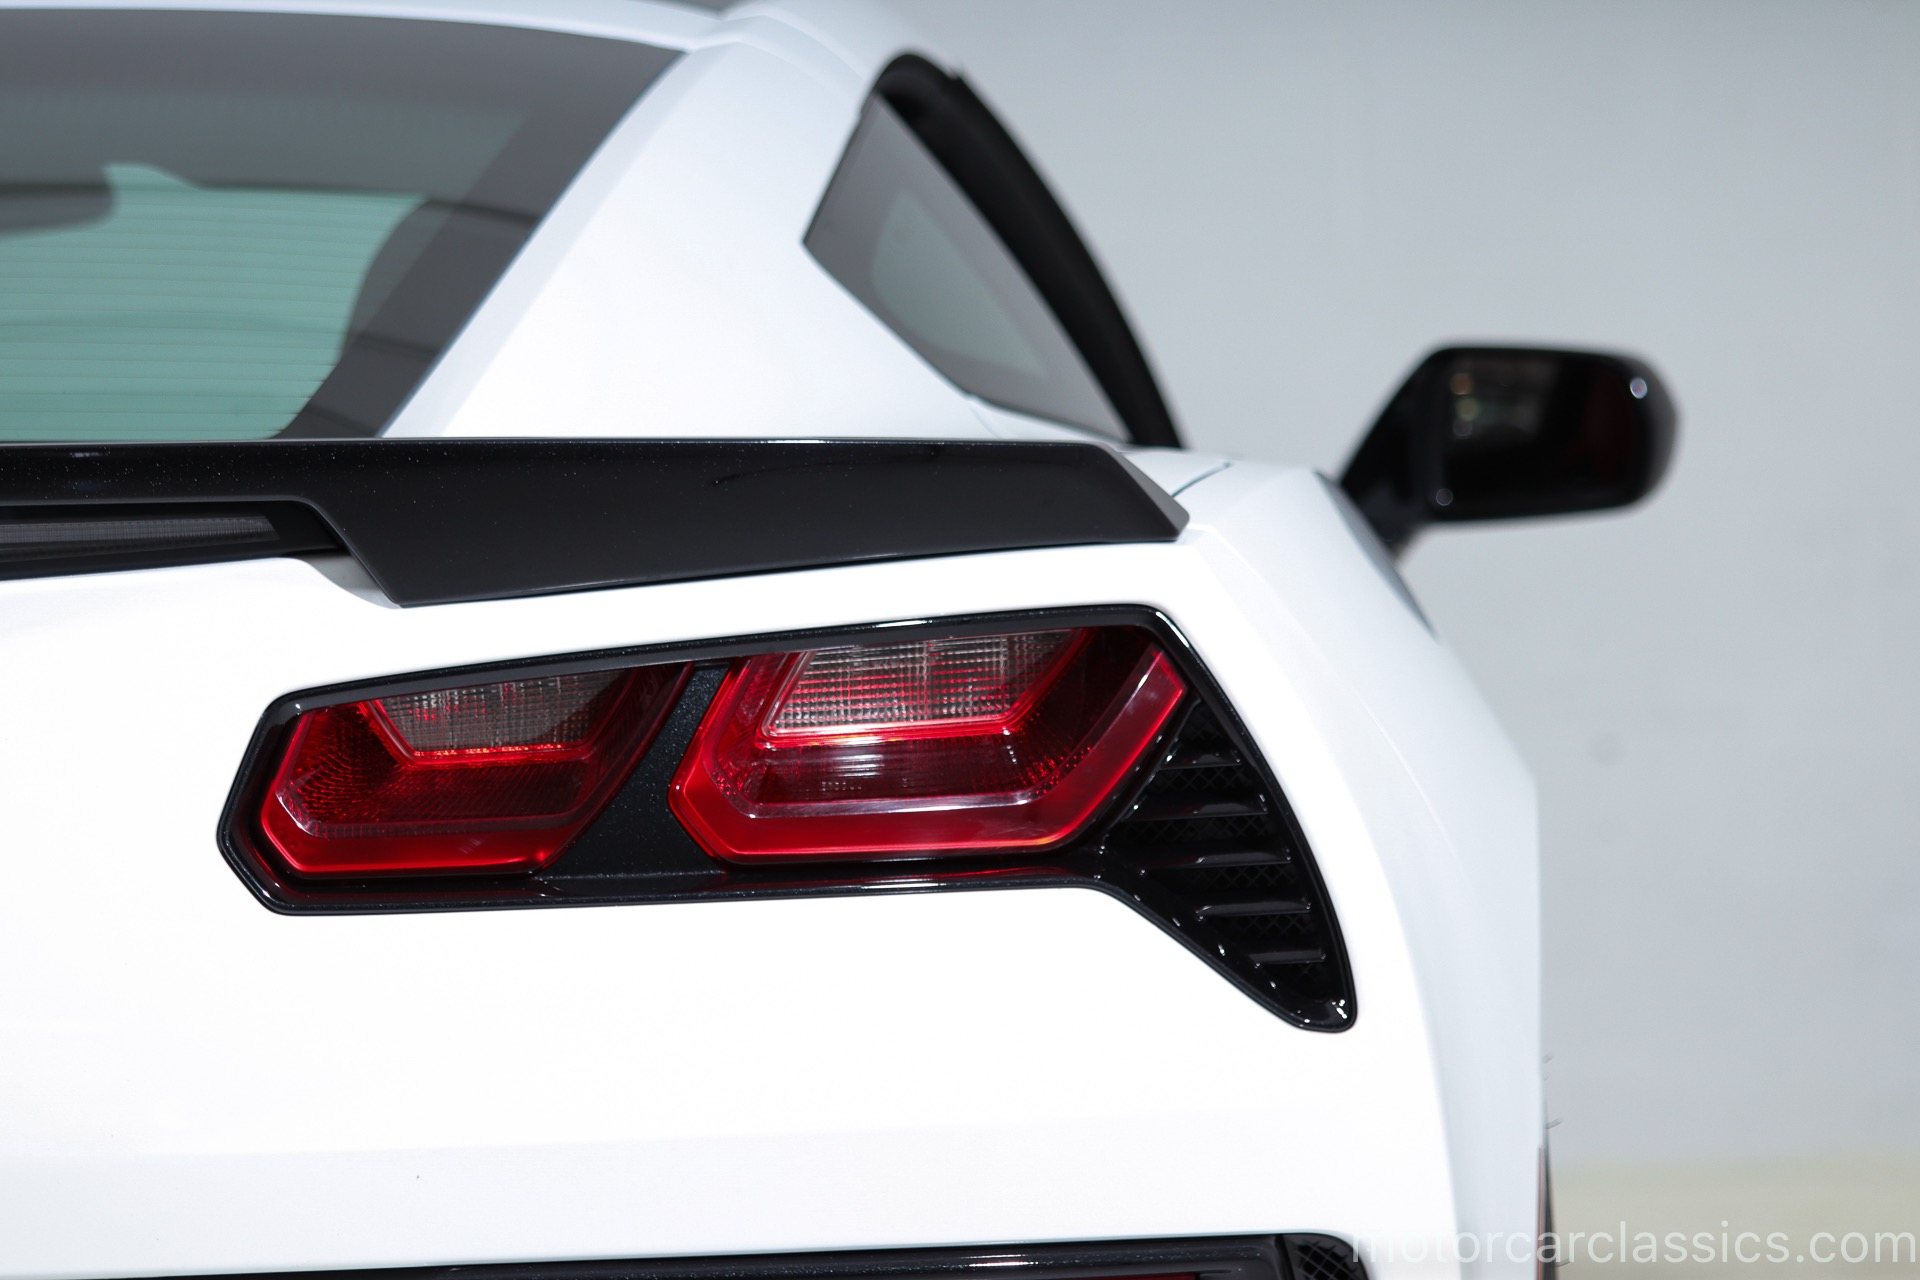 Used 2014 Chevrolet Corvette Stingray Z51 For Sale ($48,900